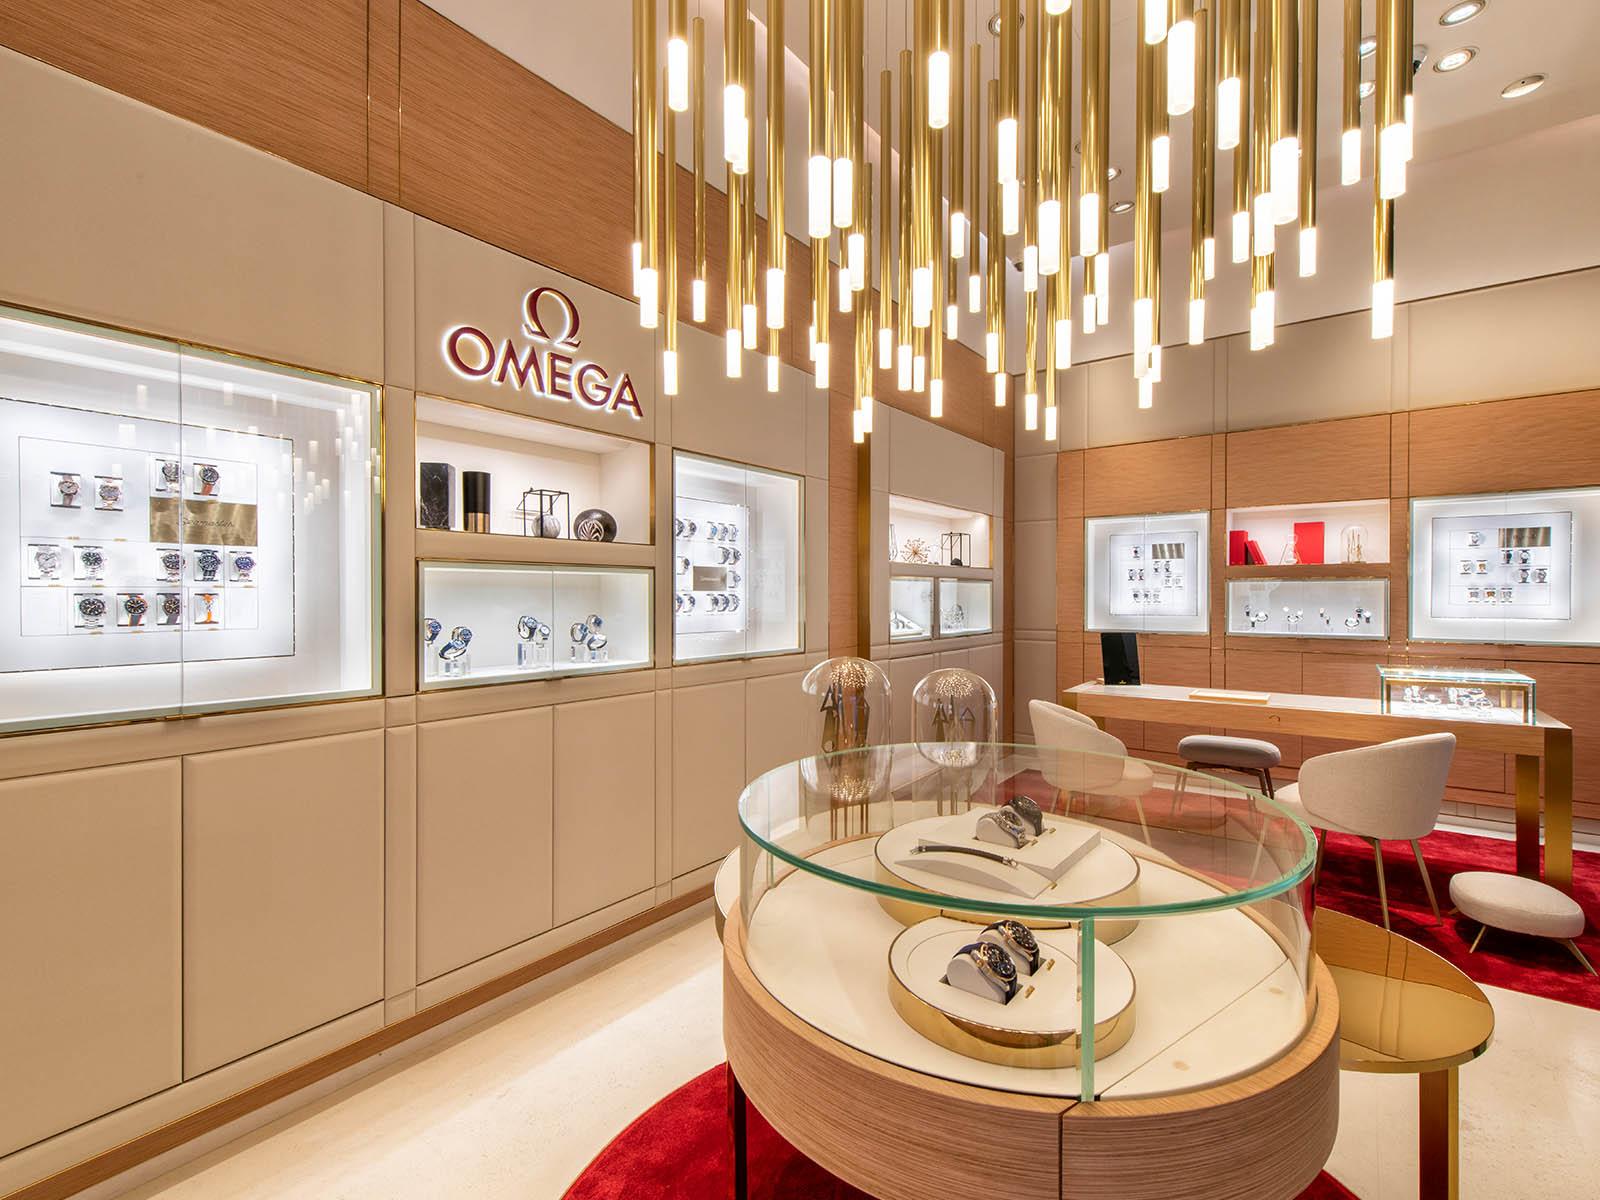 omega-butik-istanbul-havalimani-8.jpg